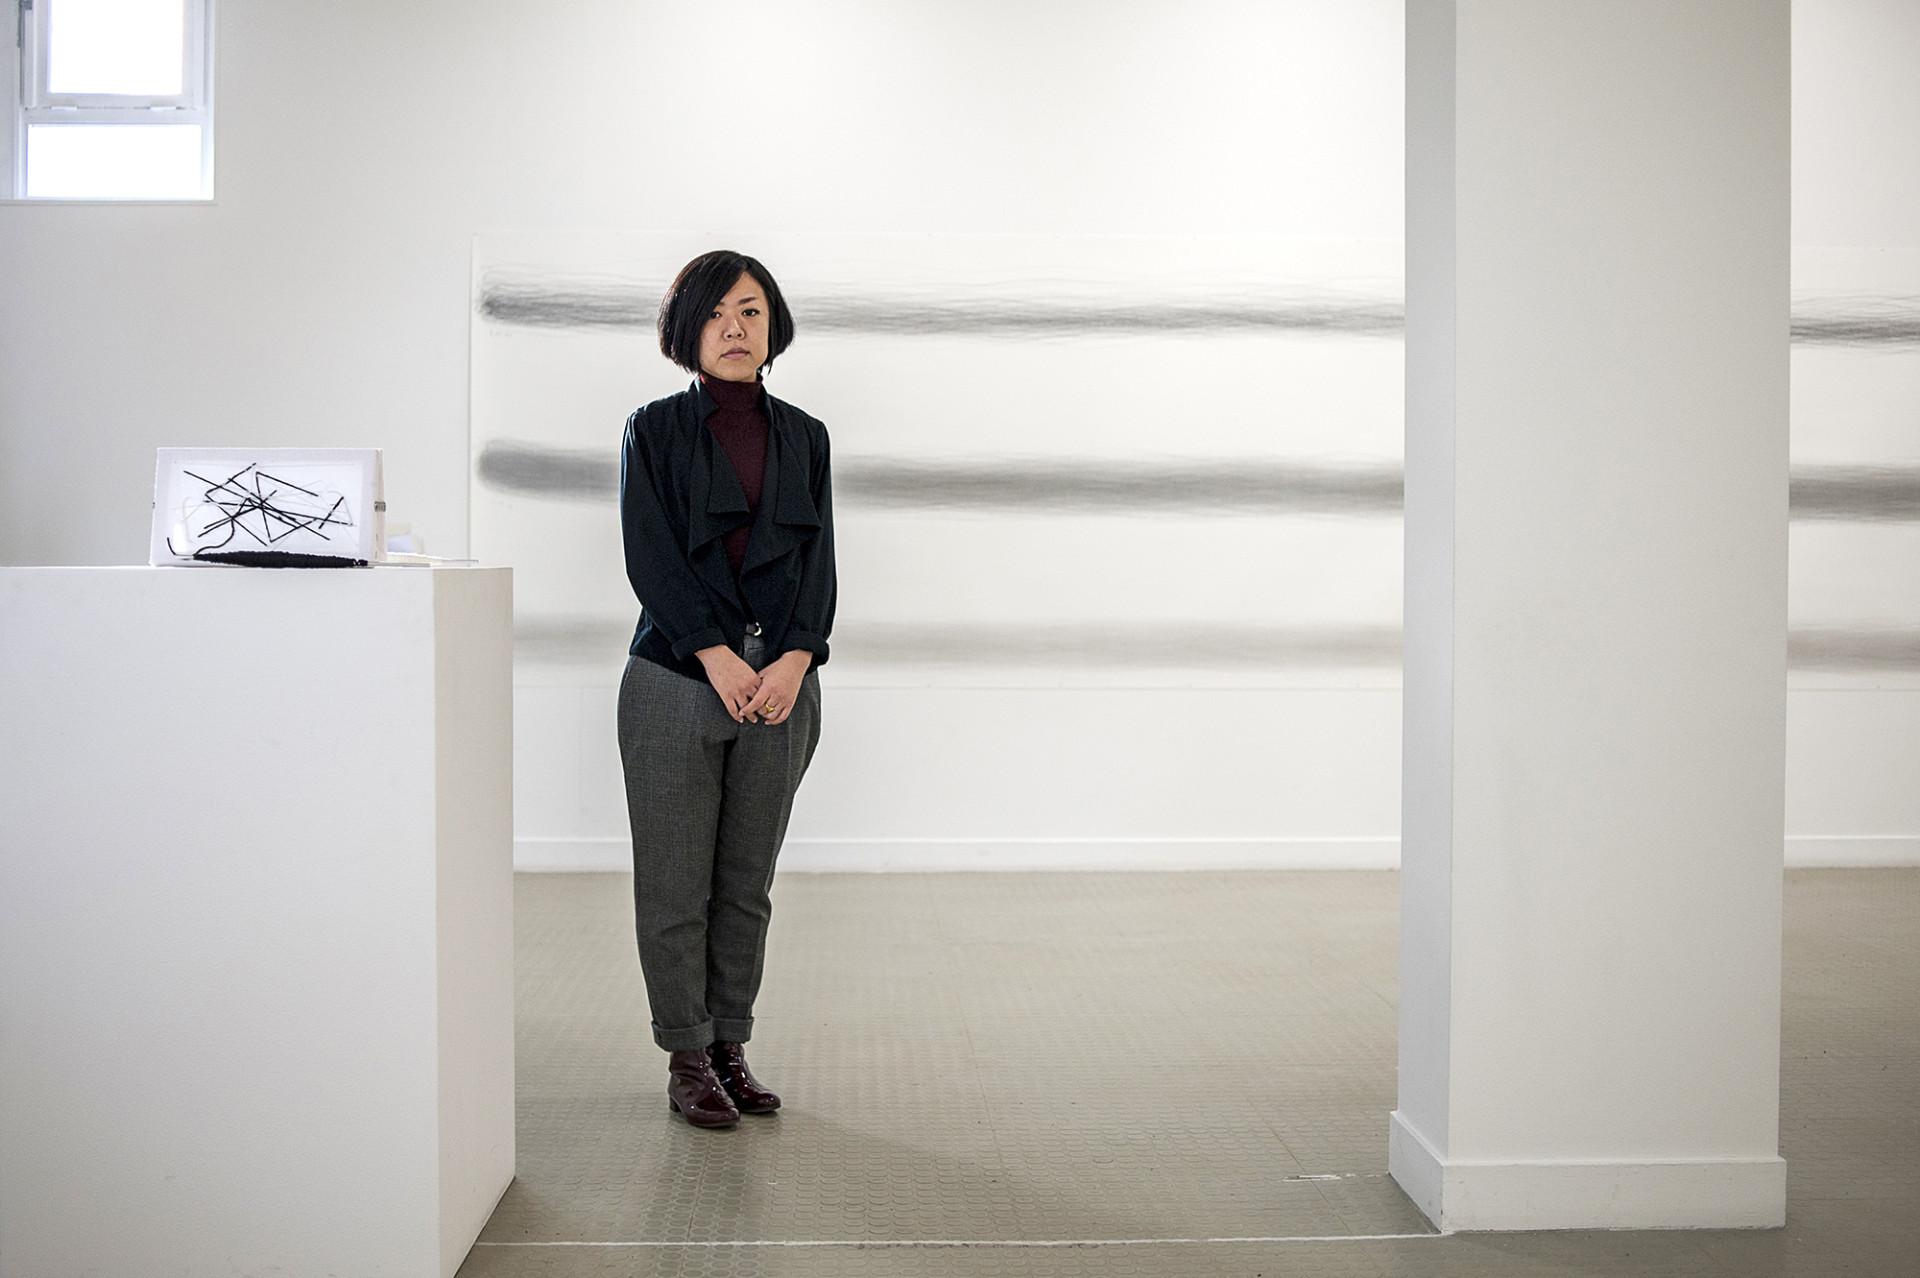 Zhao Duan, artiste - Publication Vitry Le Mensuel - février 2014